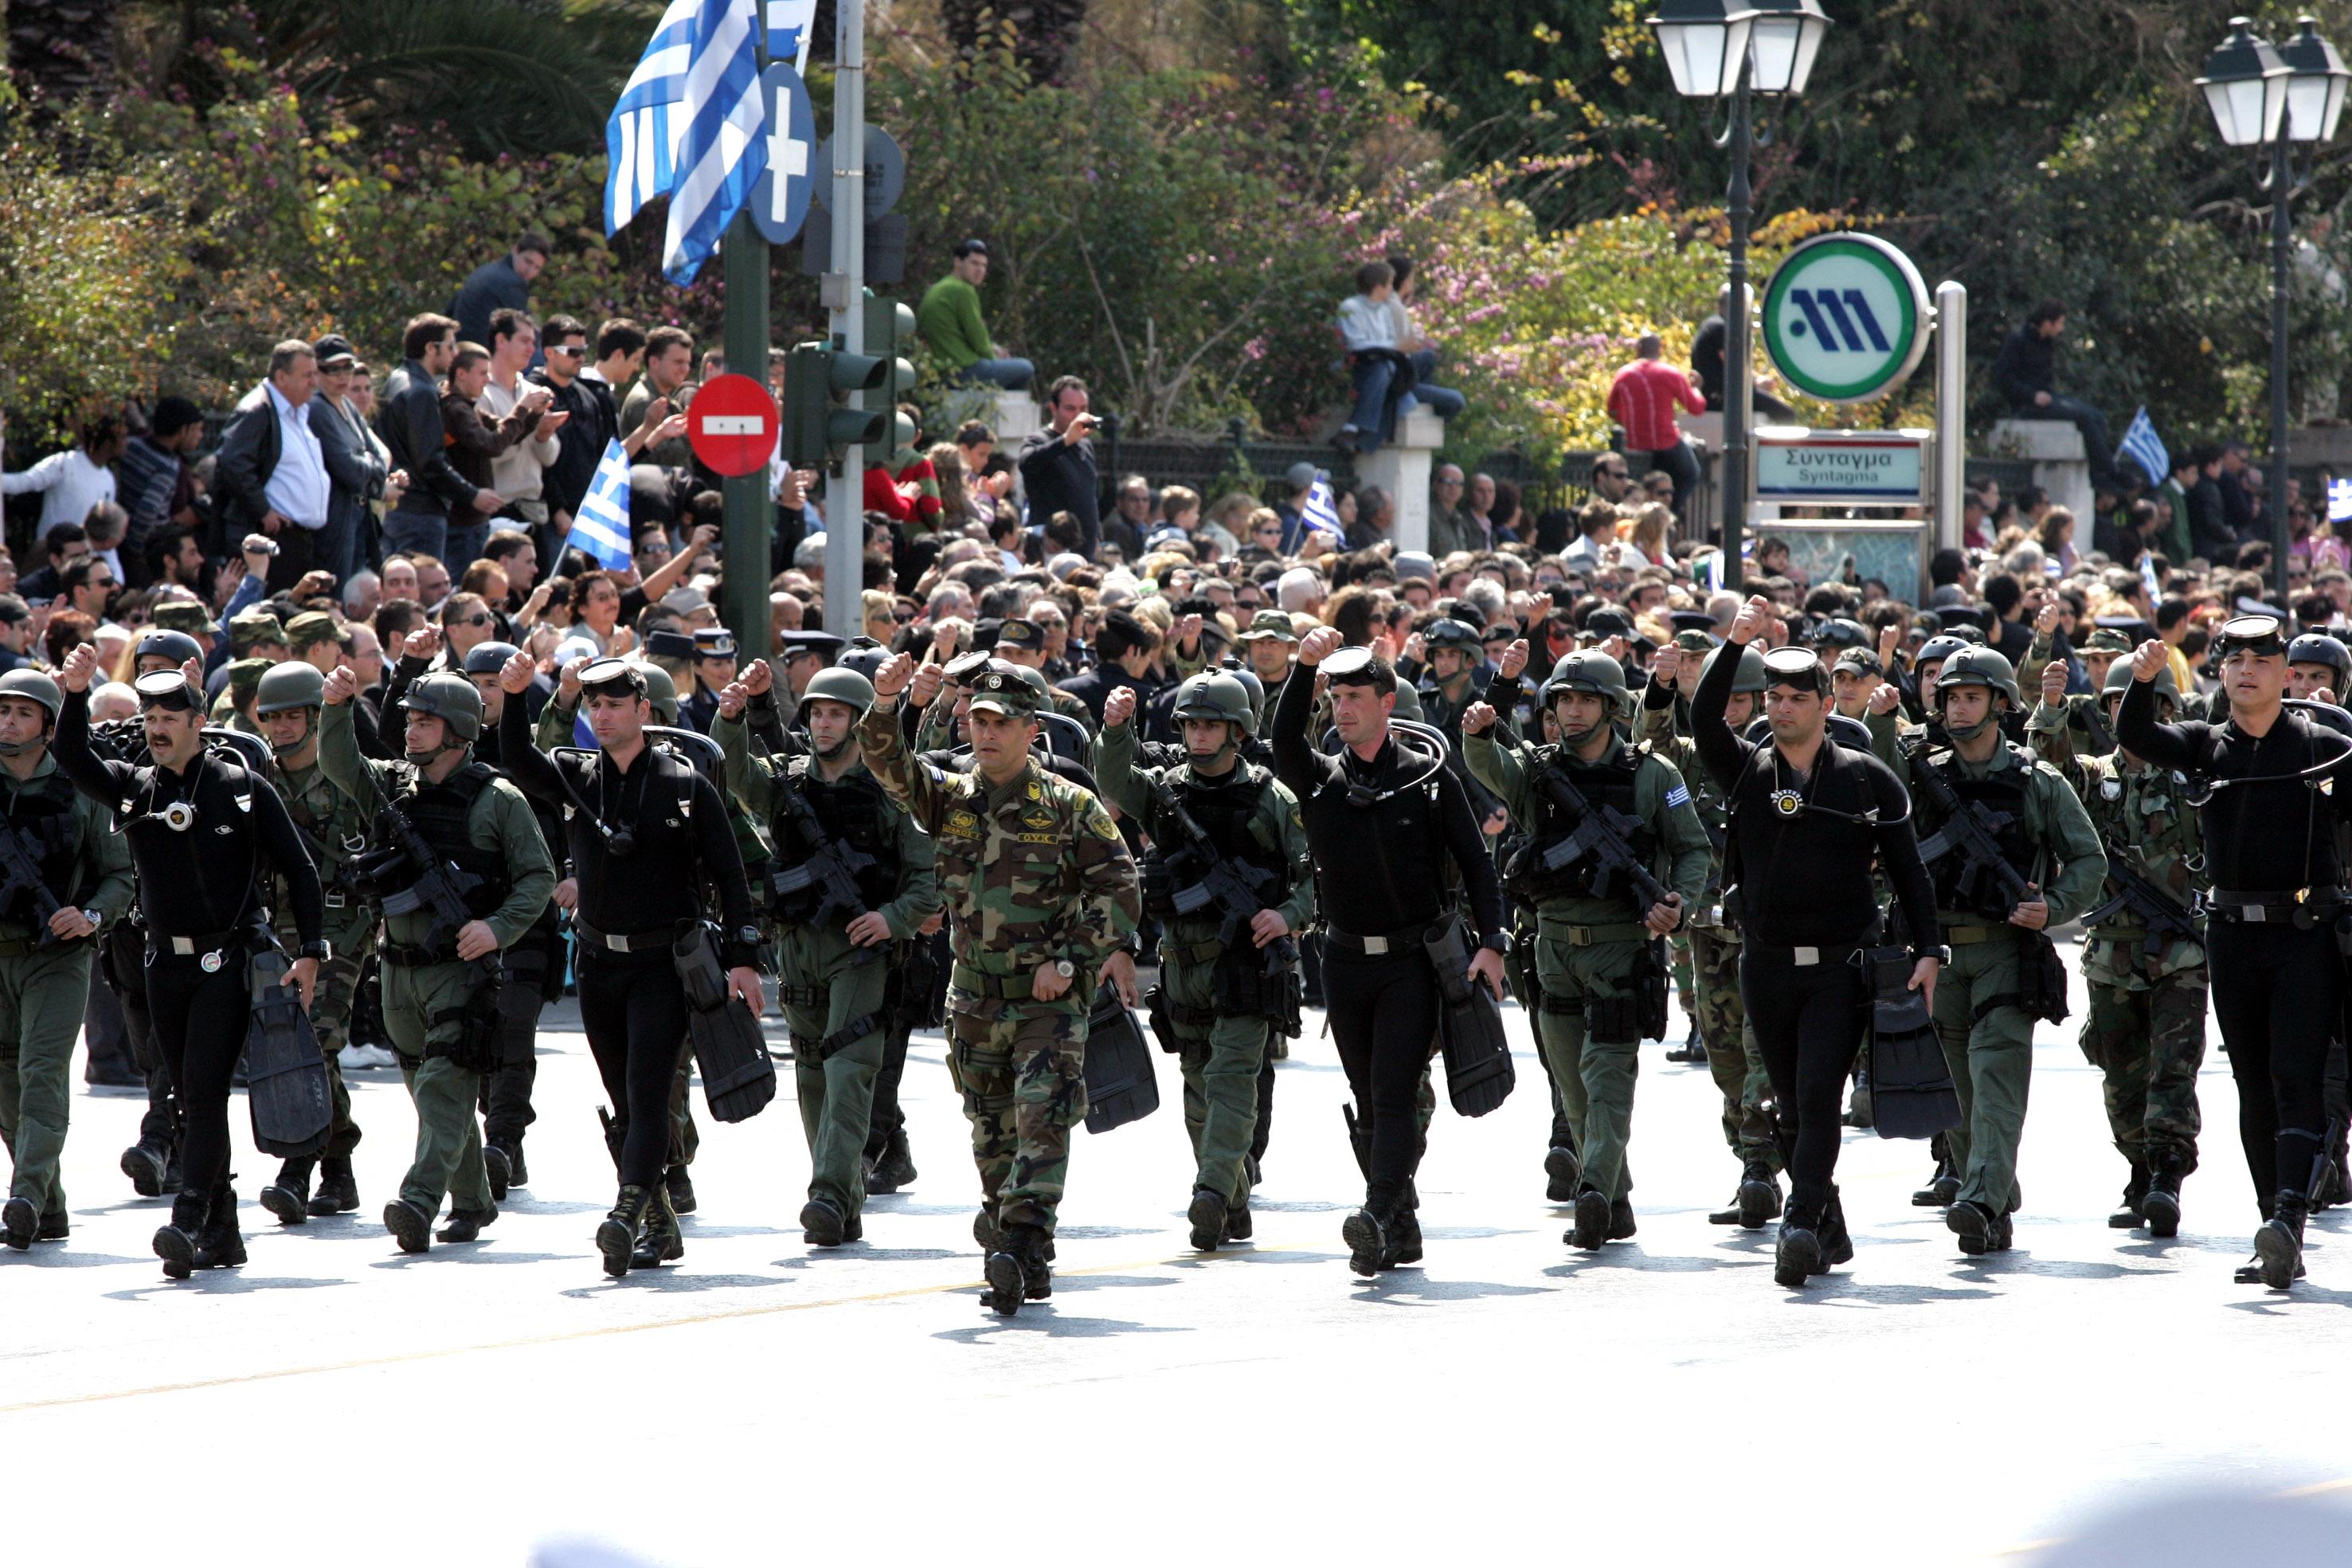 Κυκλοφοριακές ρυθμίσεις στην Αθήνα λόγω της στρατιωτικής παρέλασης   tovima.gr